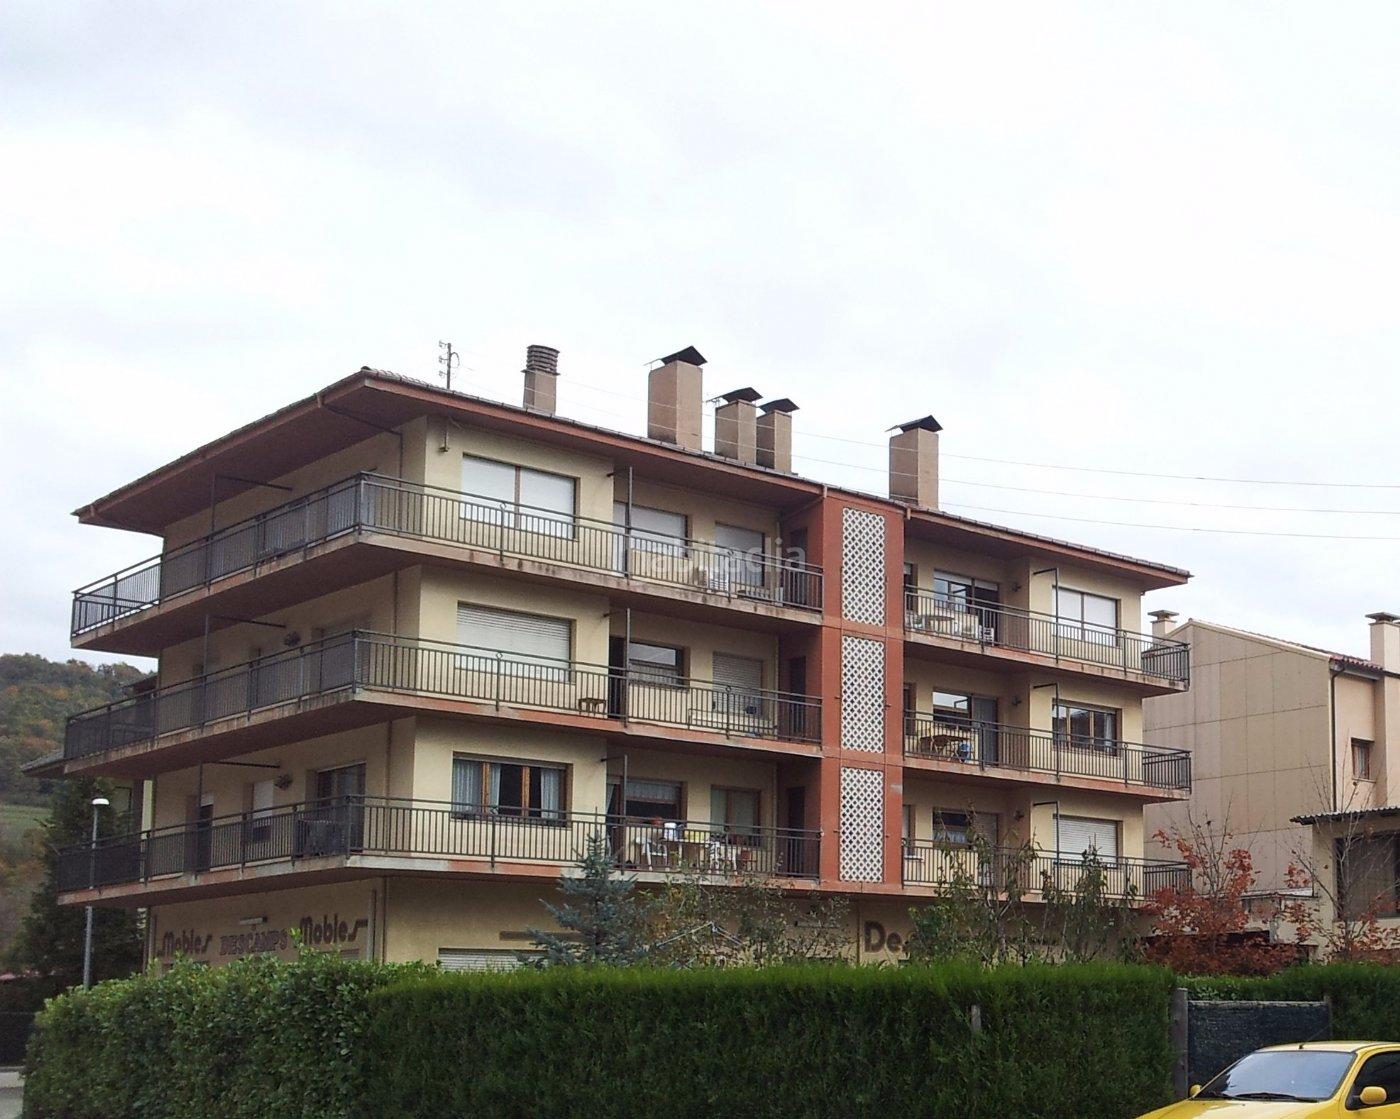 Alquiler piso por 400 en avinguda vall grande y luminoso - Alquiler de pisos en calahorra ...